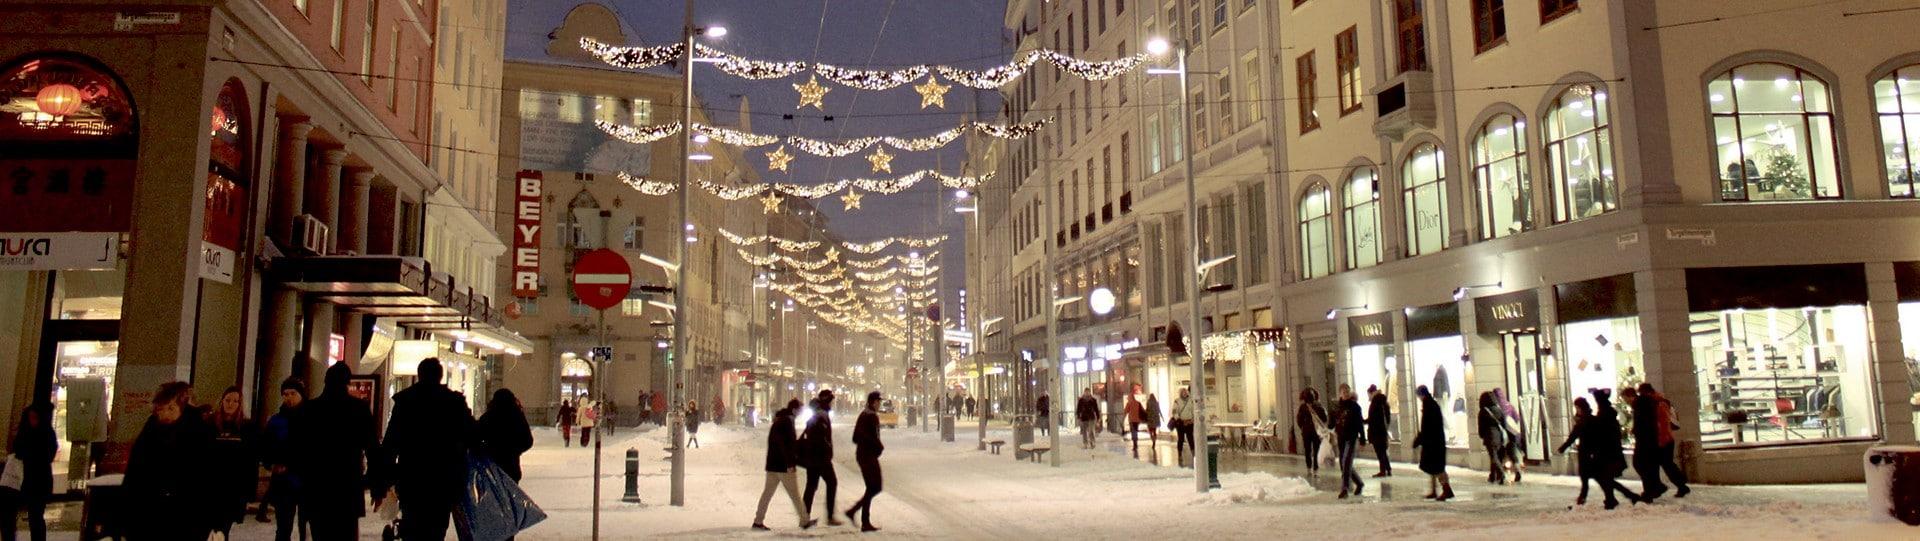 Jule-byLØRDAG 14. des